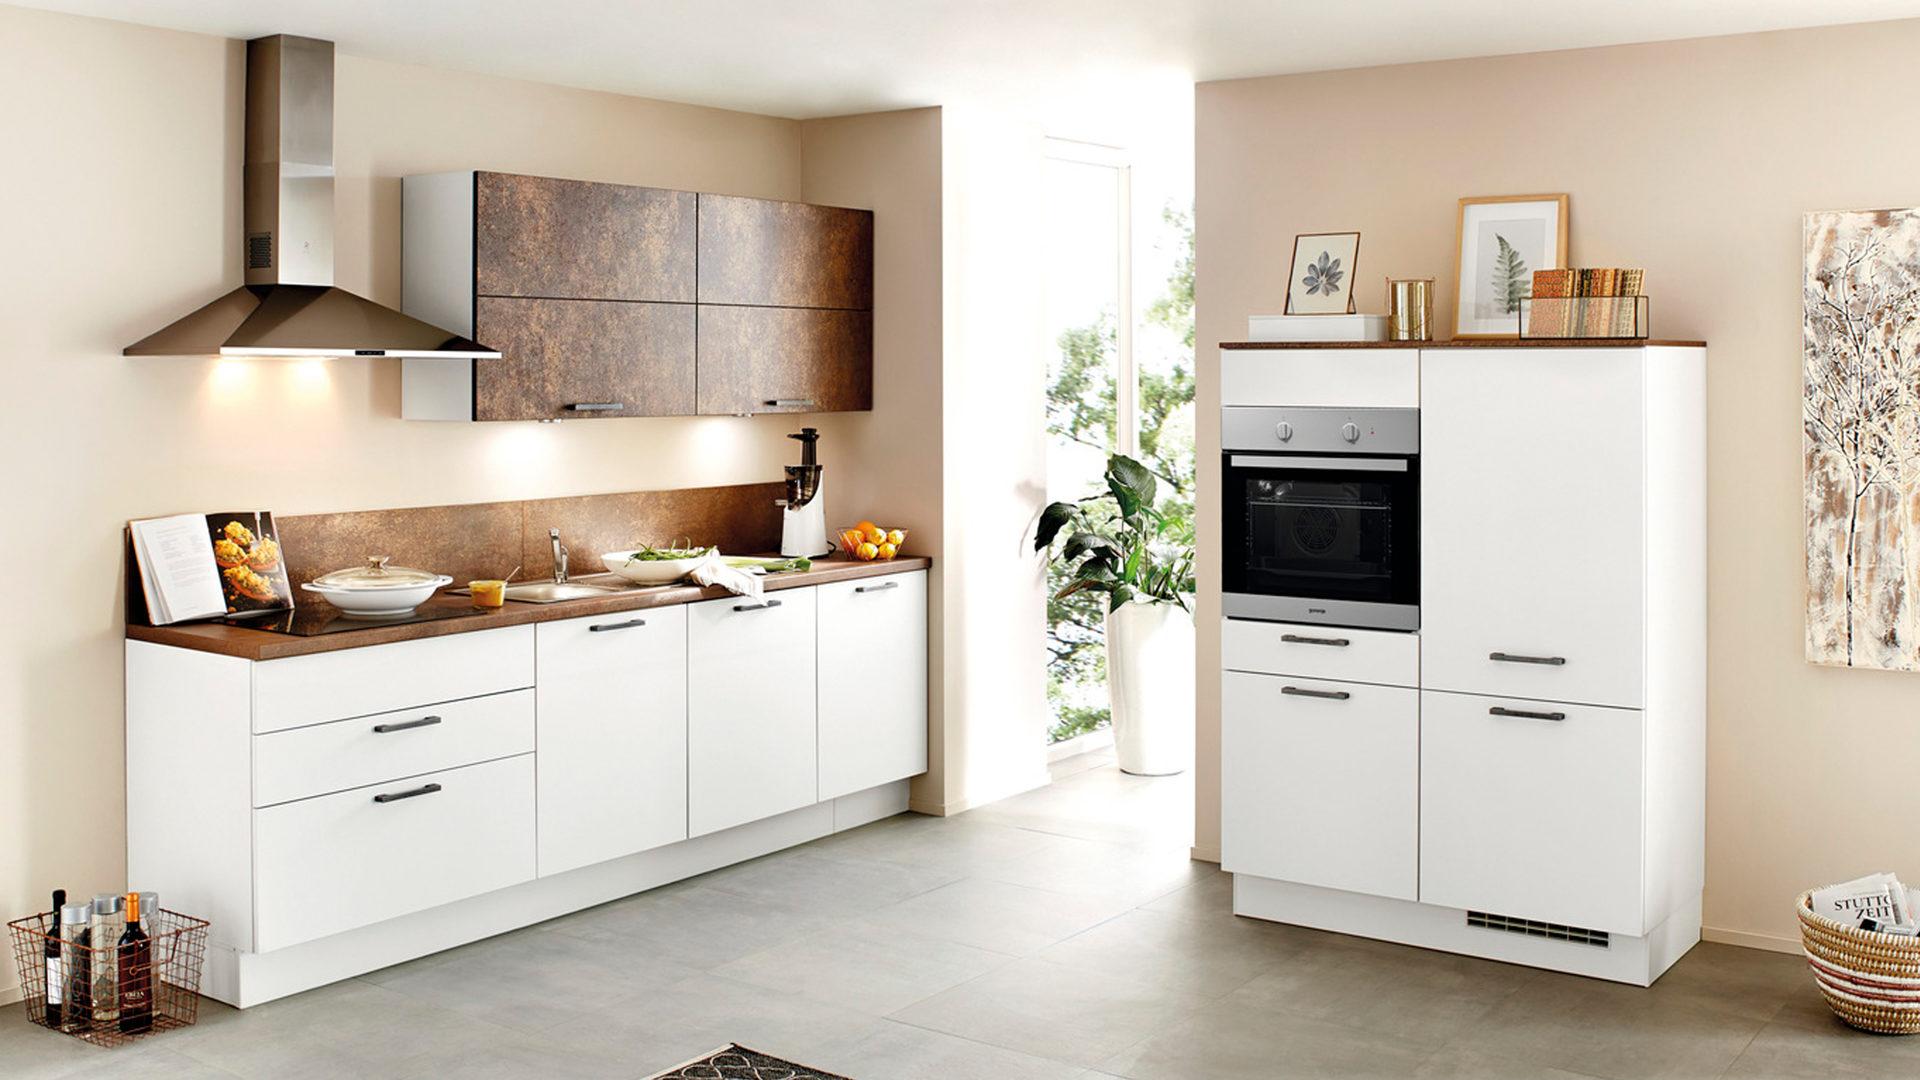 Gorenje Kühlschrank Willhaben : Einbaukuchen